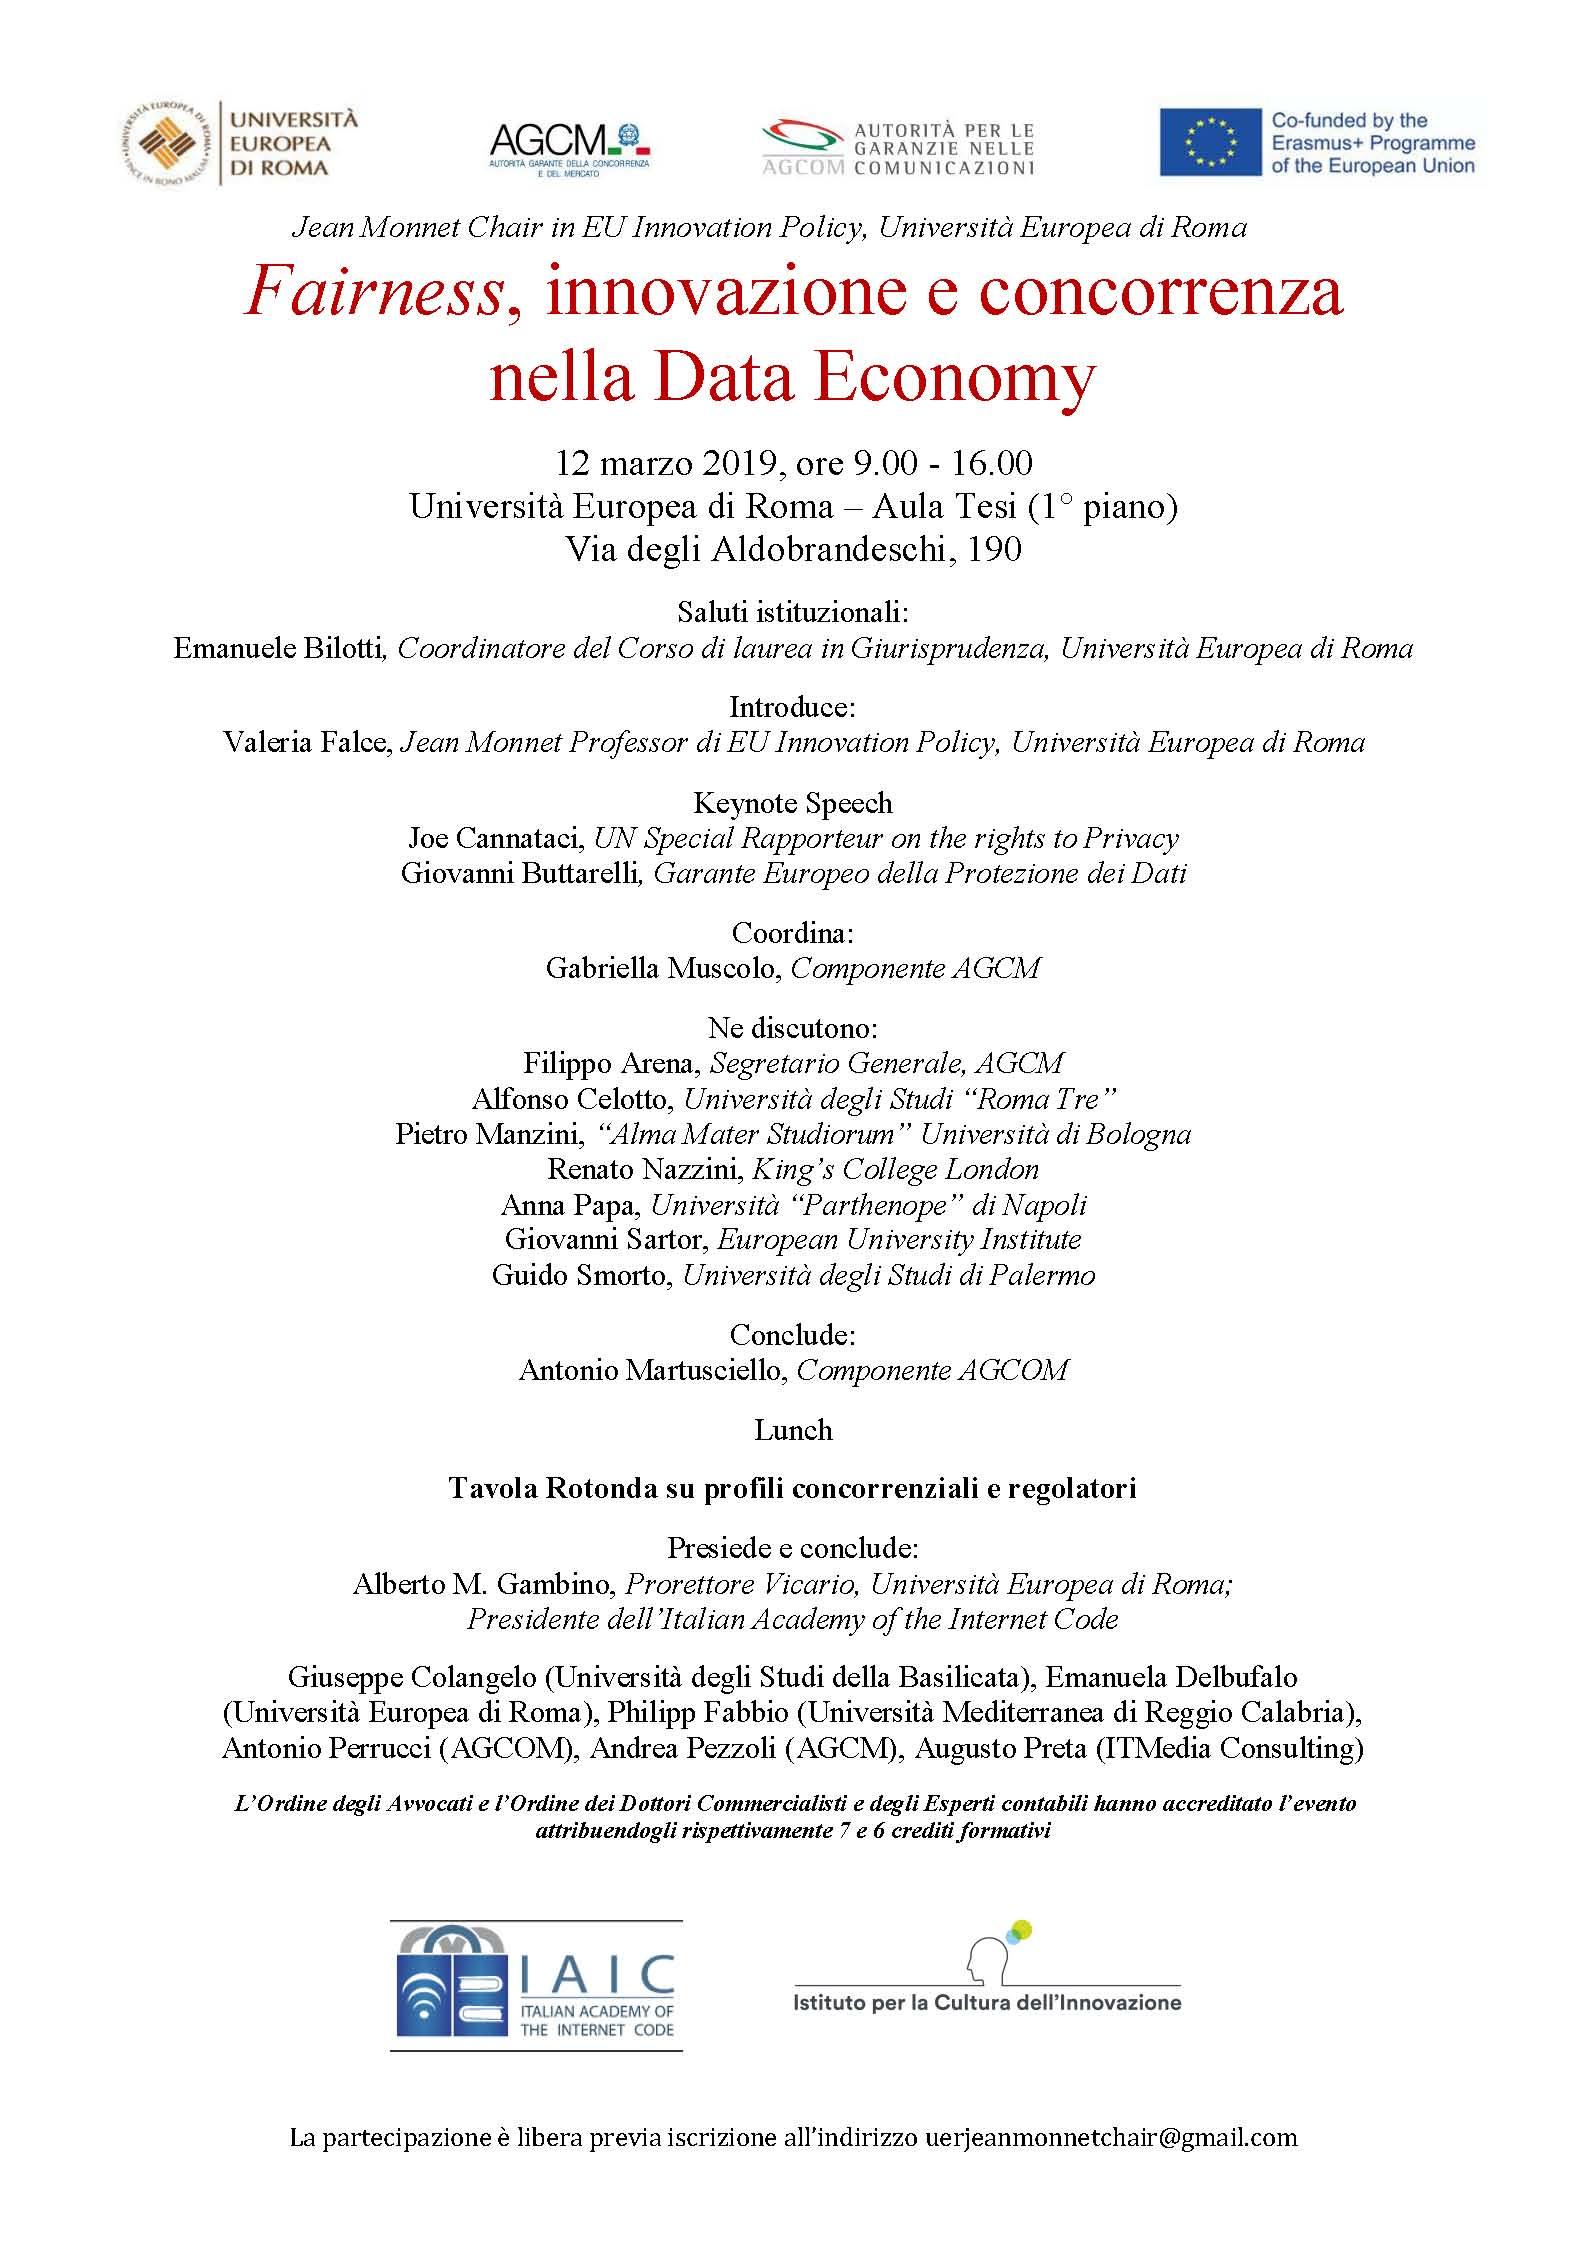 """Programma seminario """"Fairness, innovazione e concorrenza nella Data Economy"""""""